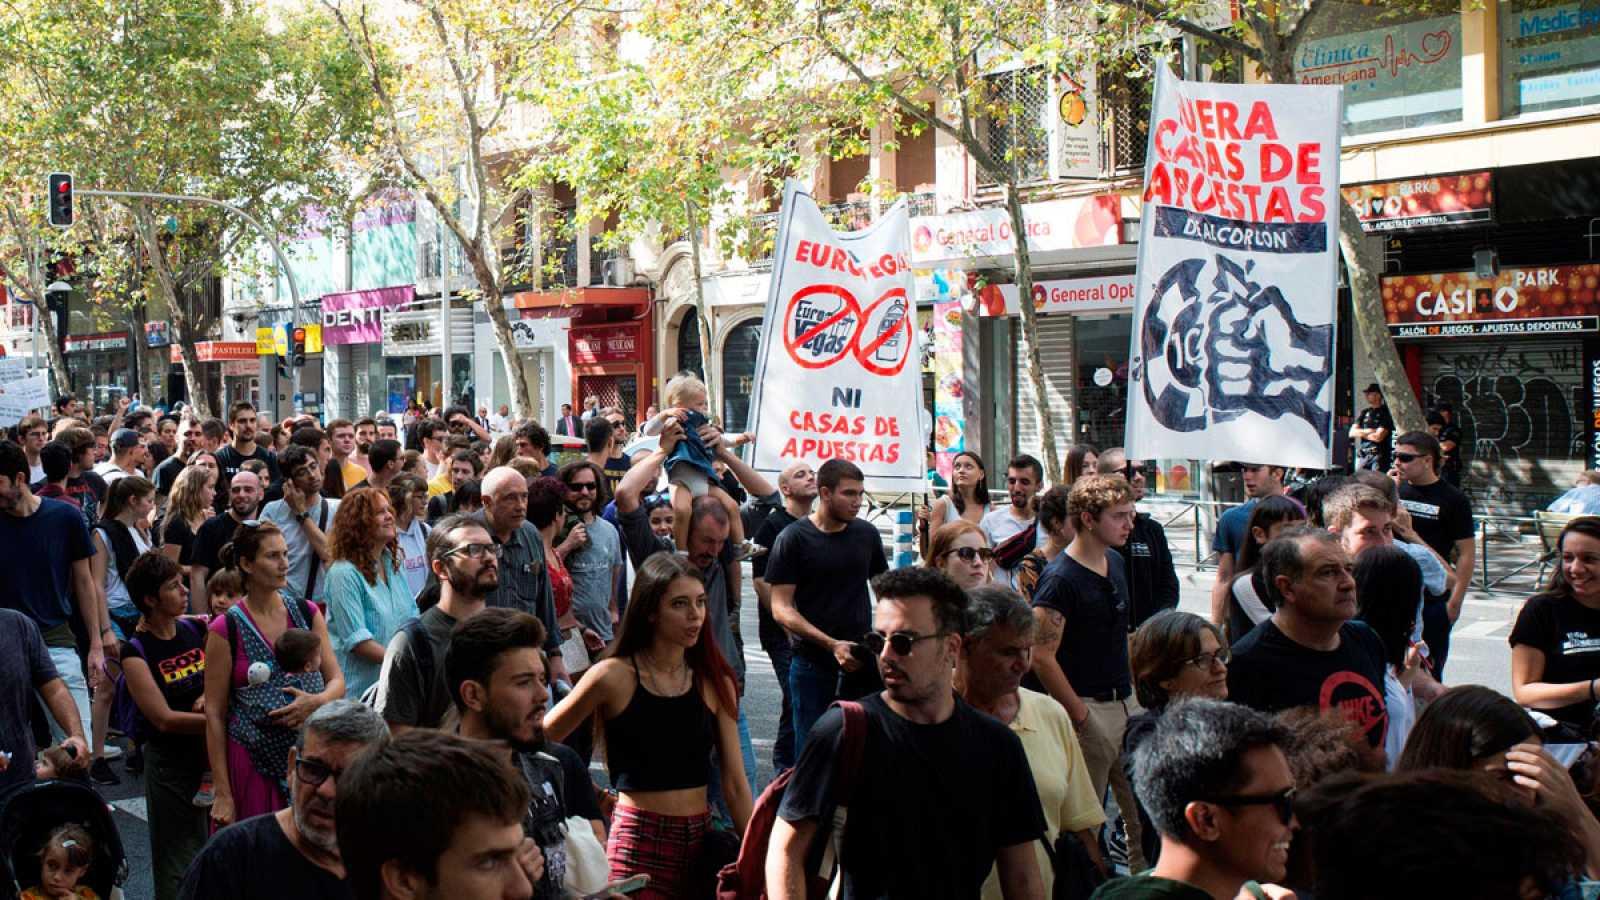 """Madrid reclama un ocio """"digno"""" frente a la """"plaga"""" de las casas de apuestas - Ver ahora"""